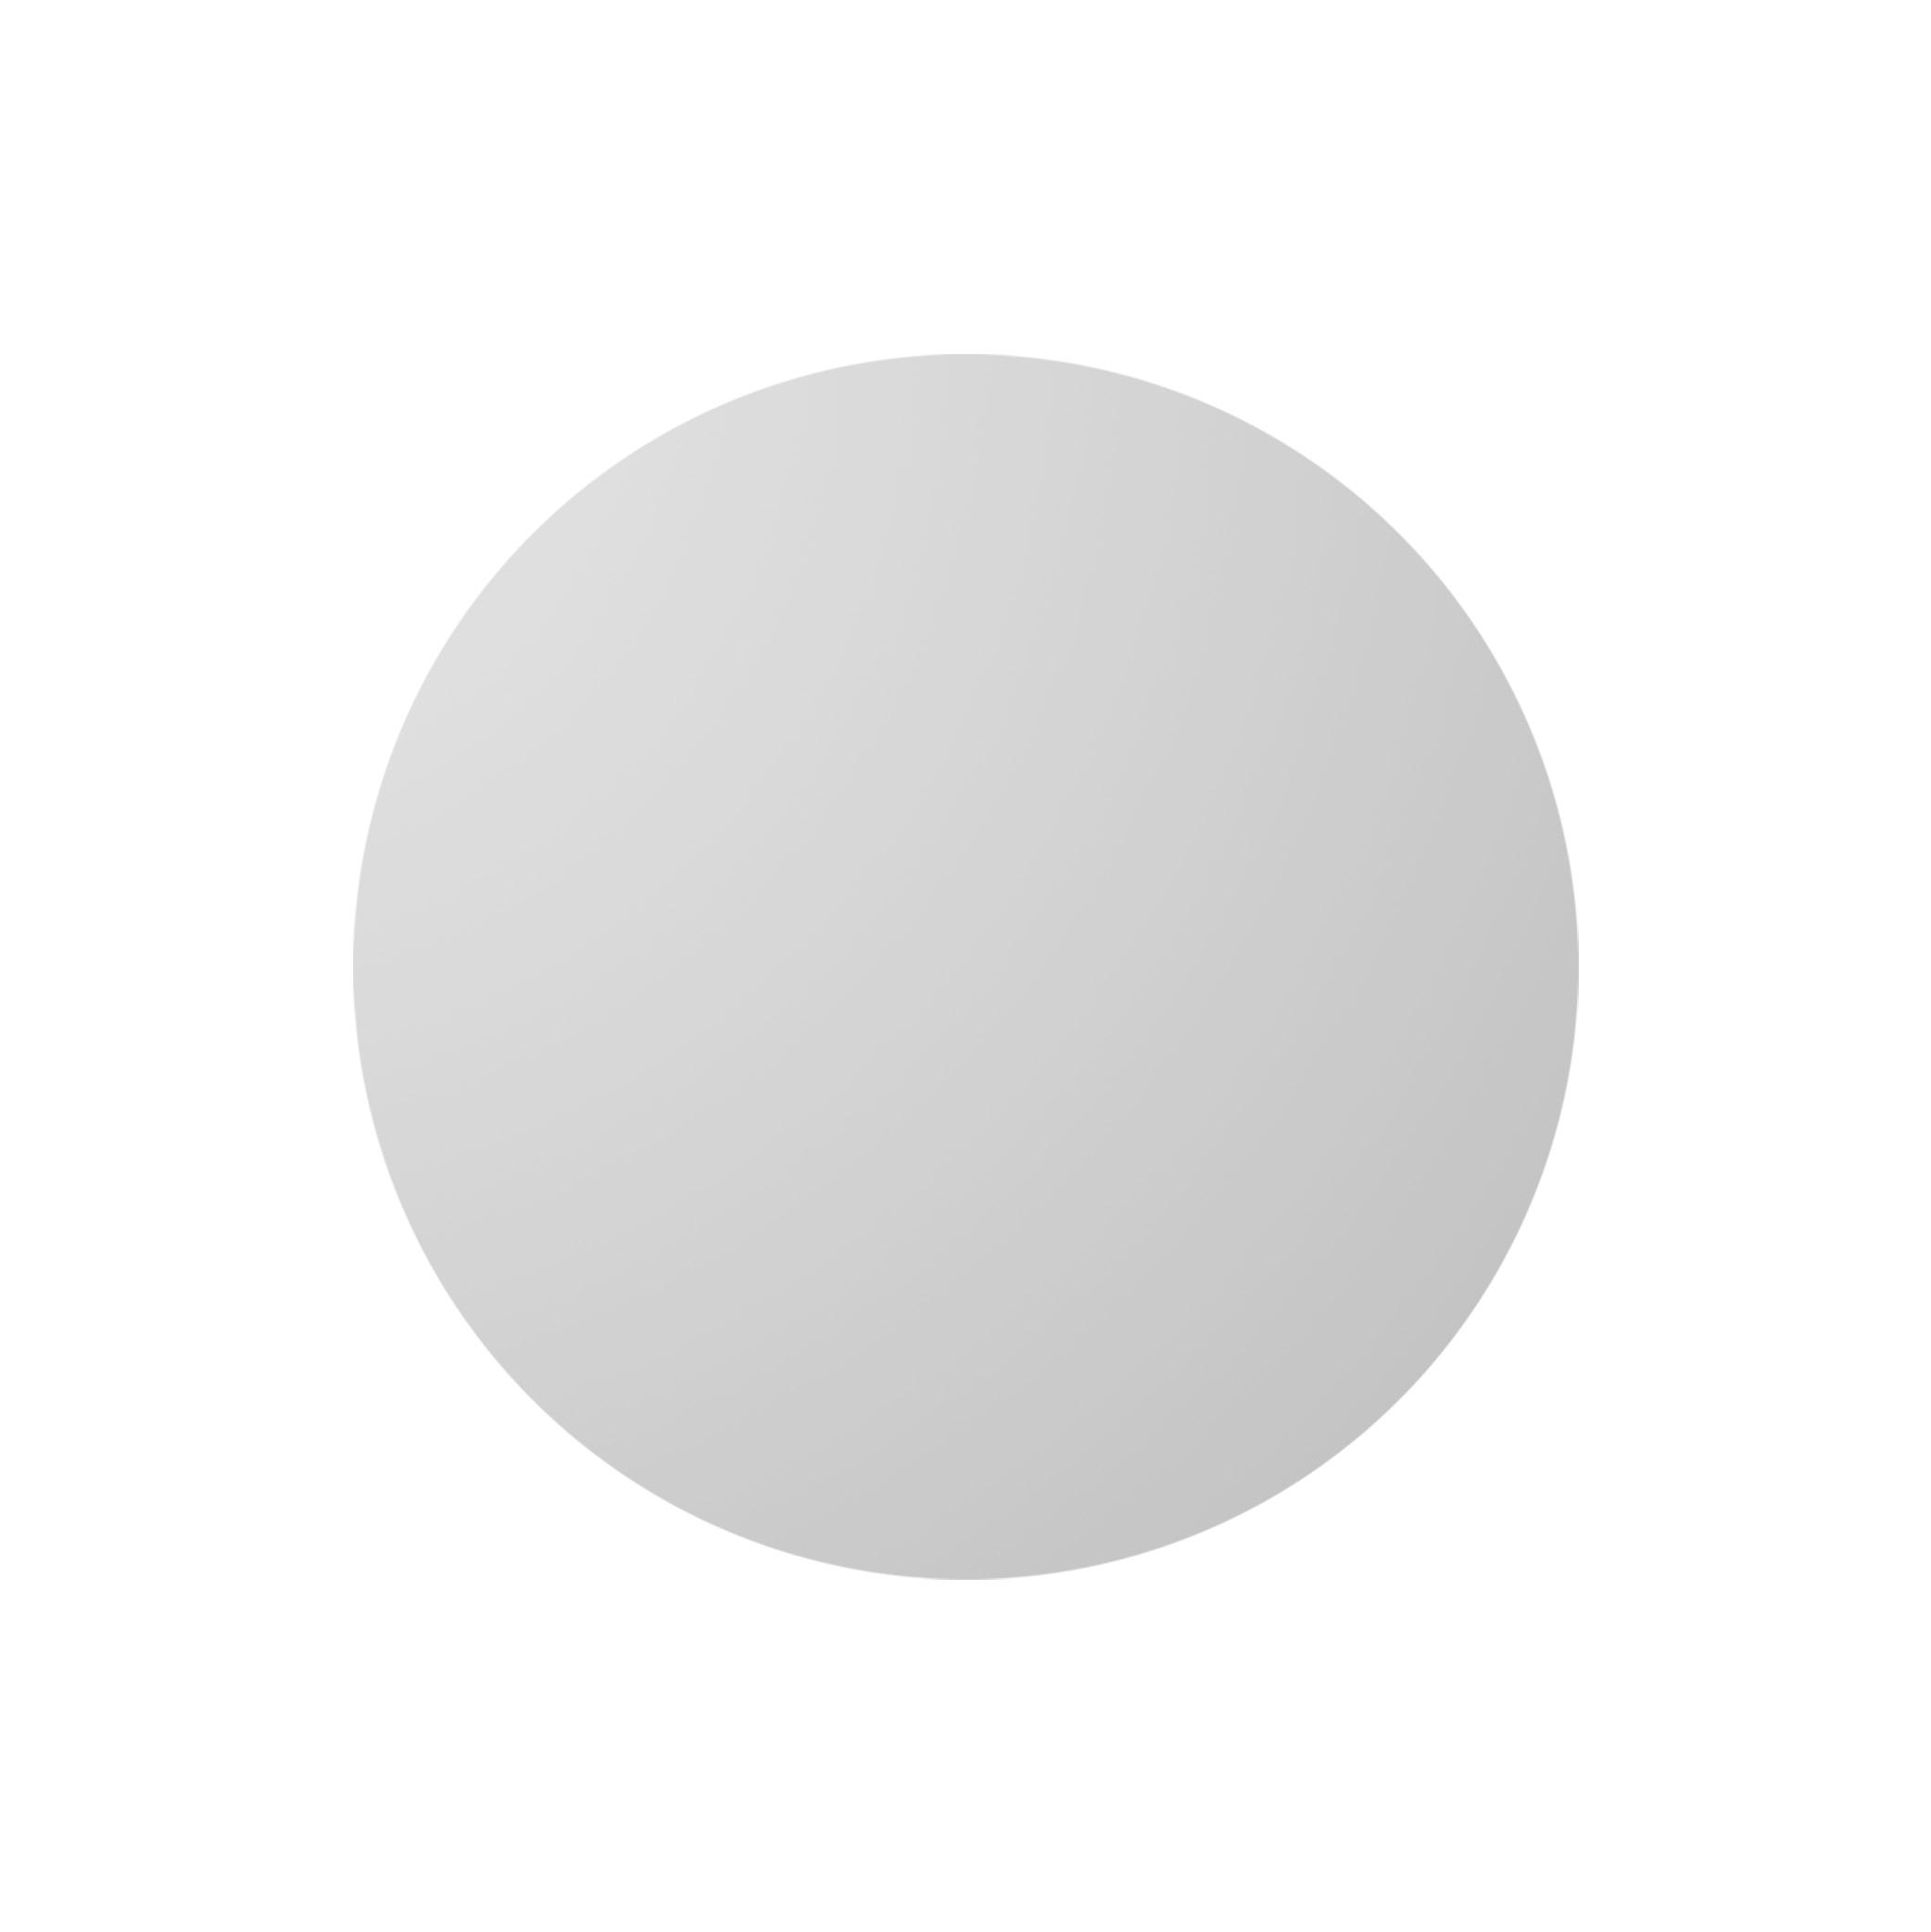 ADP Round Mirror 900